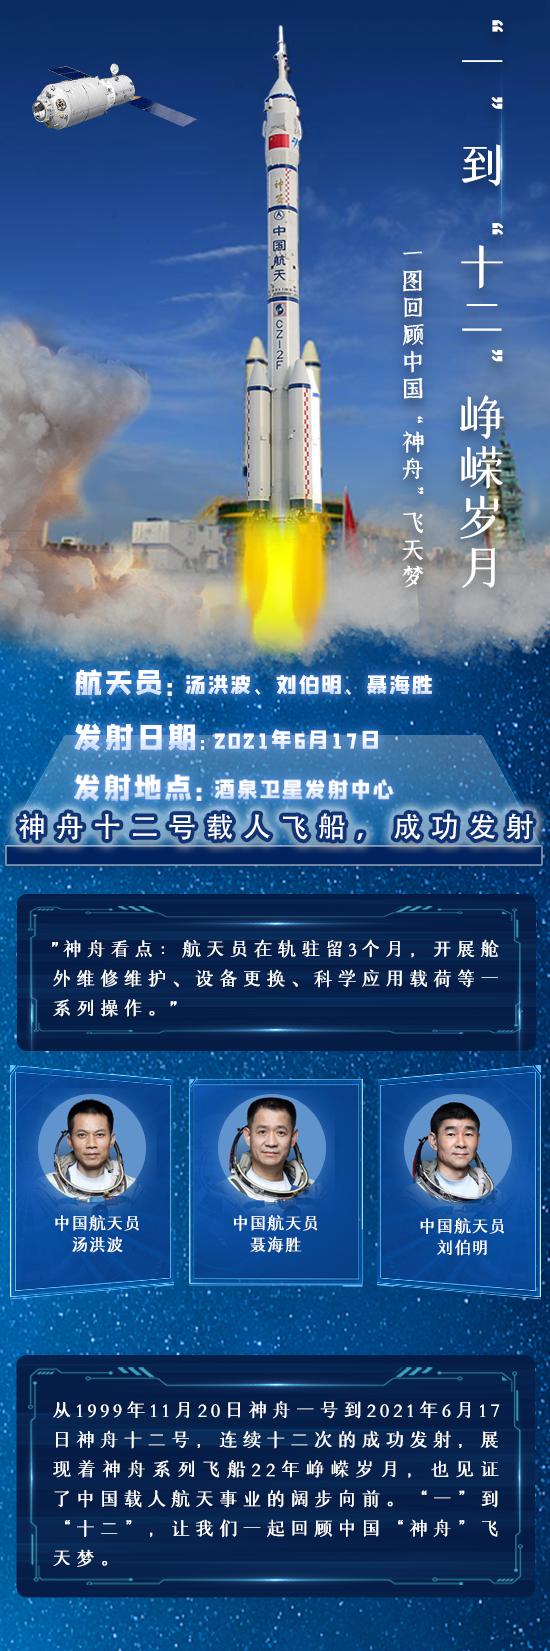 """""""一""""到""""十二""""崢嶸歲月,一圖回顧中國""""神舟""""飛天夢"""